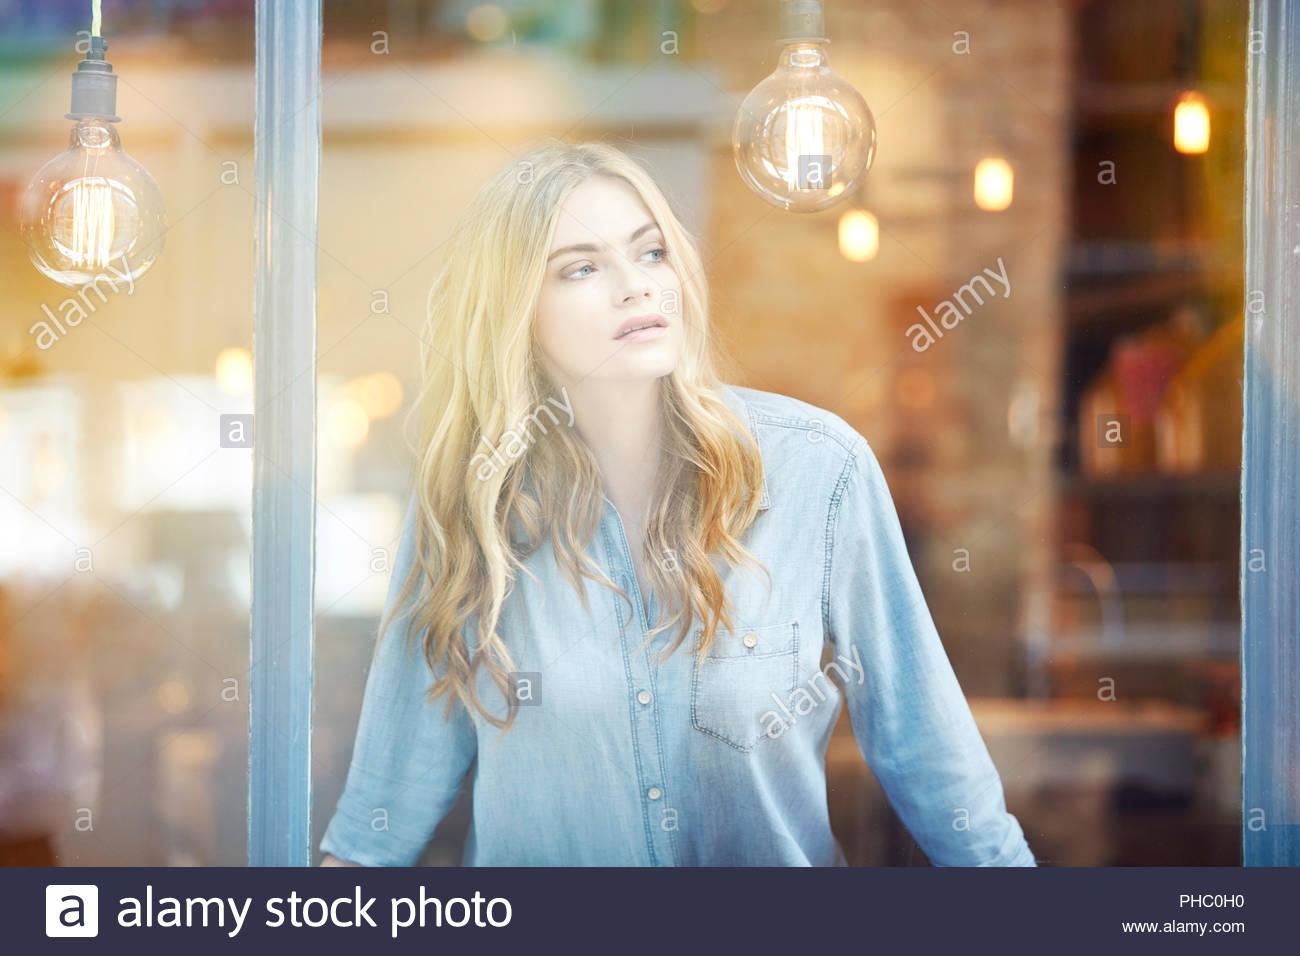 Giovane donna a guardare fuori dalla finestra. Immagini Stock